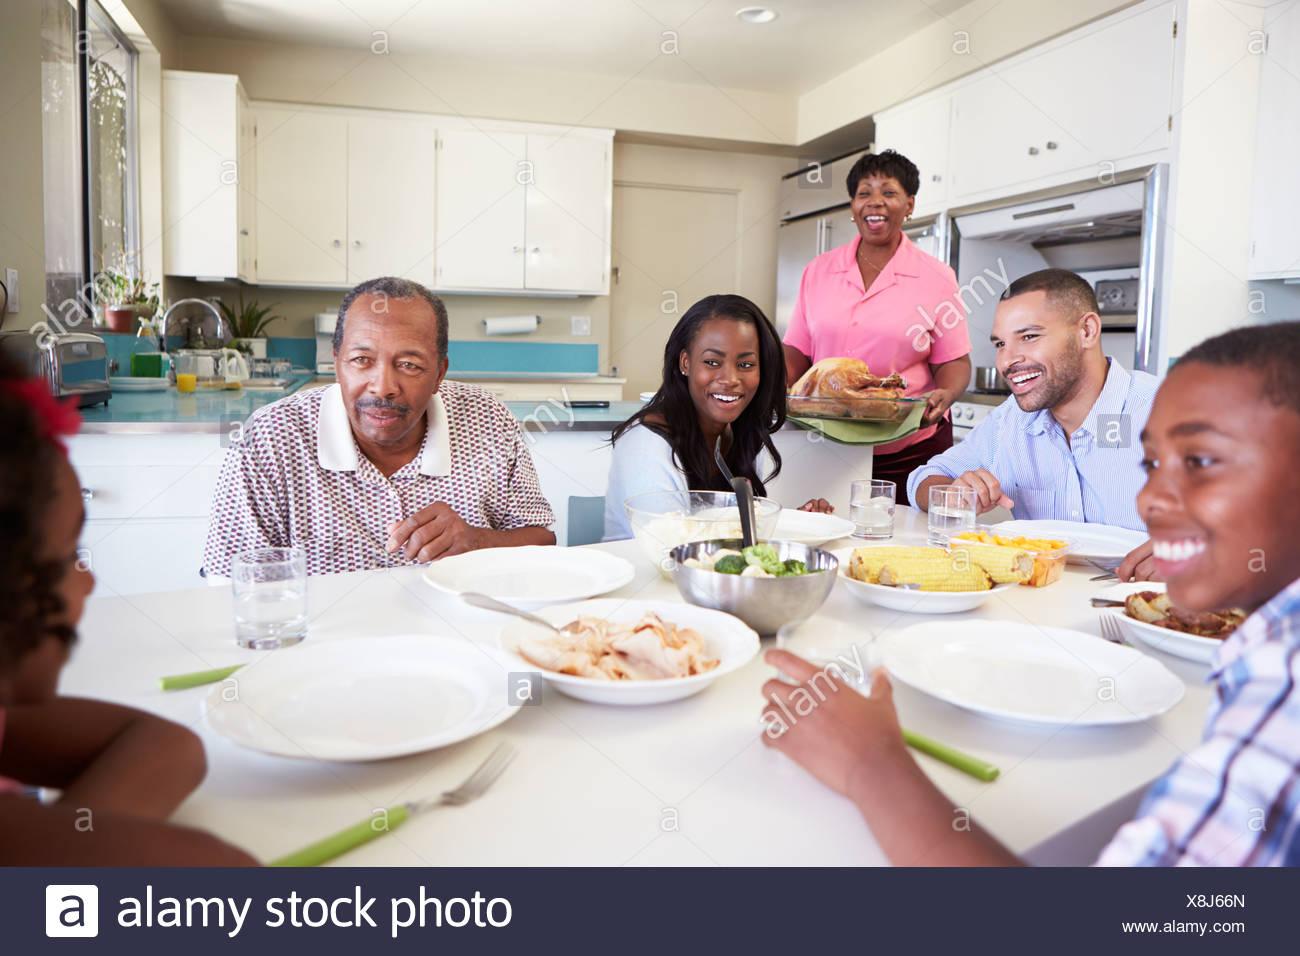 Familia Multi-Generation sentado en torno a una mesa comiendo comida Imagen De Stock